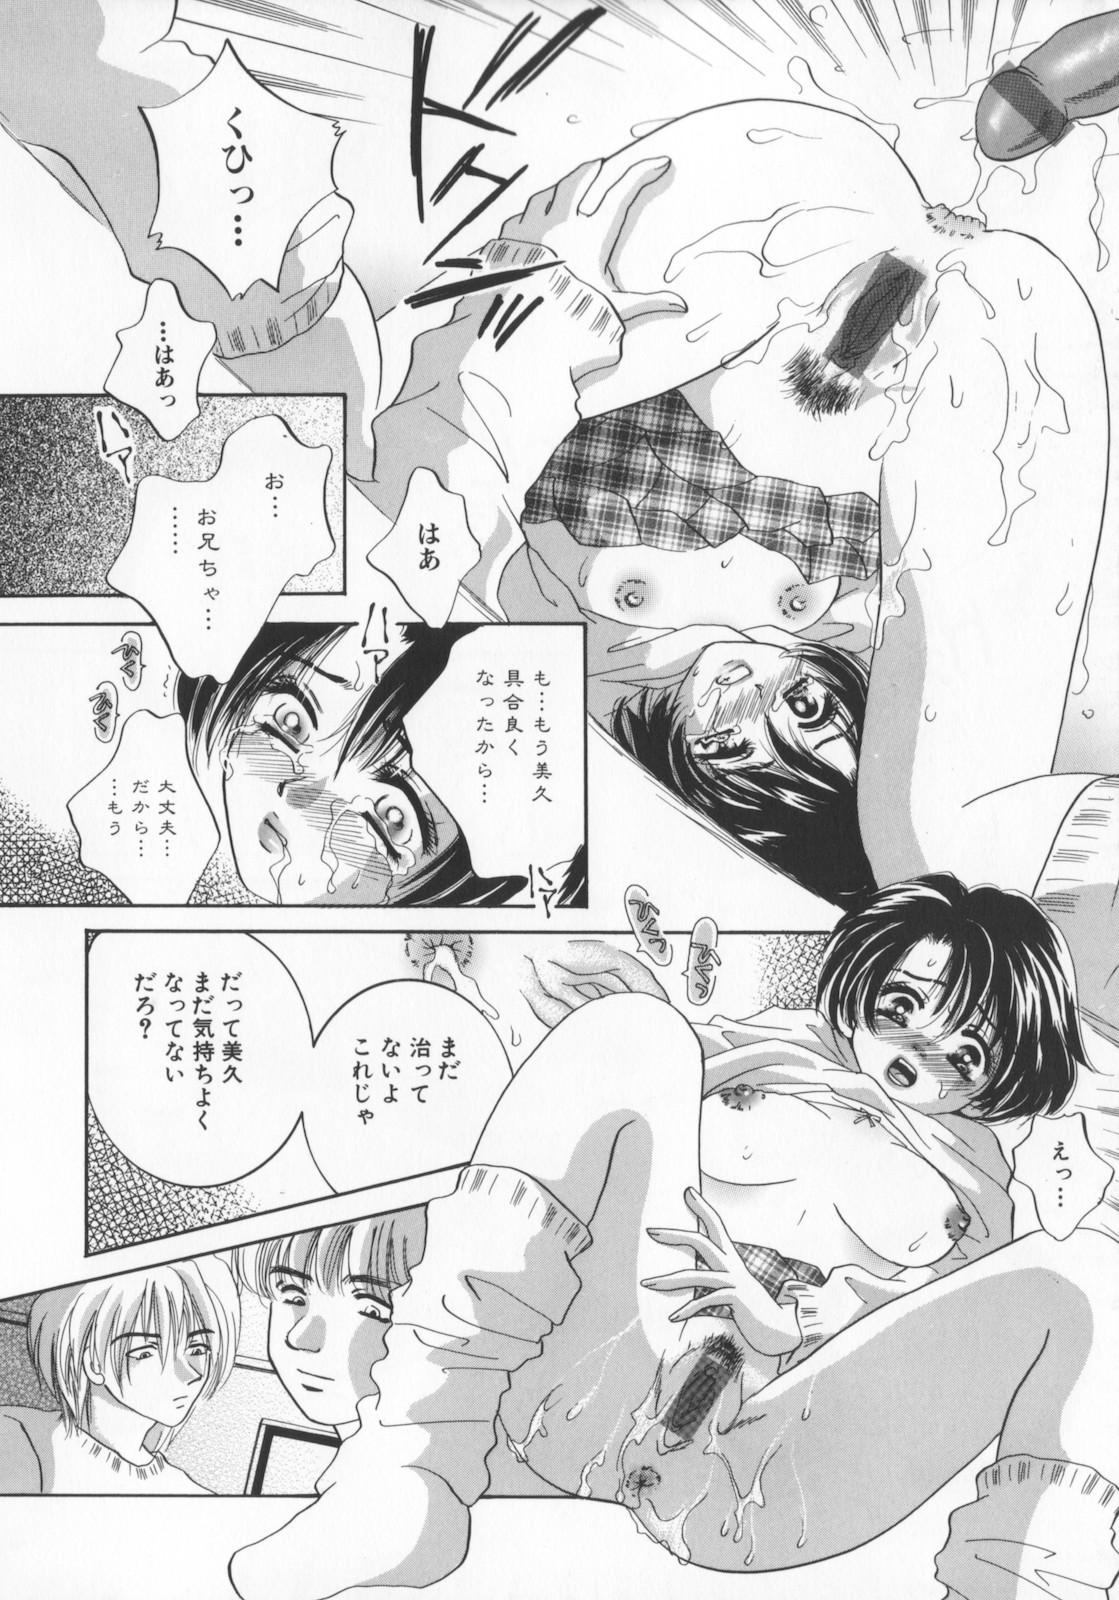 Kichiku dorei 47